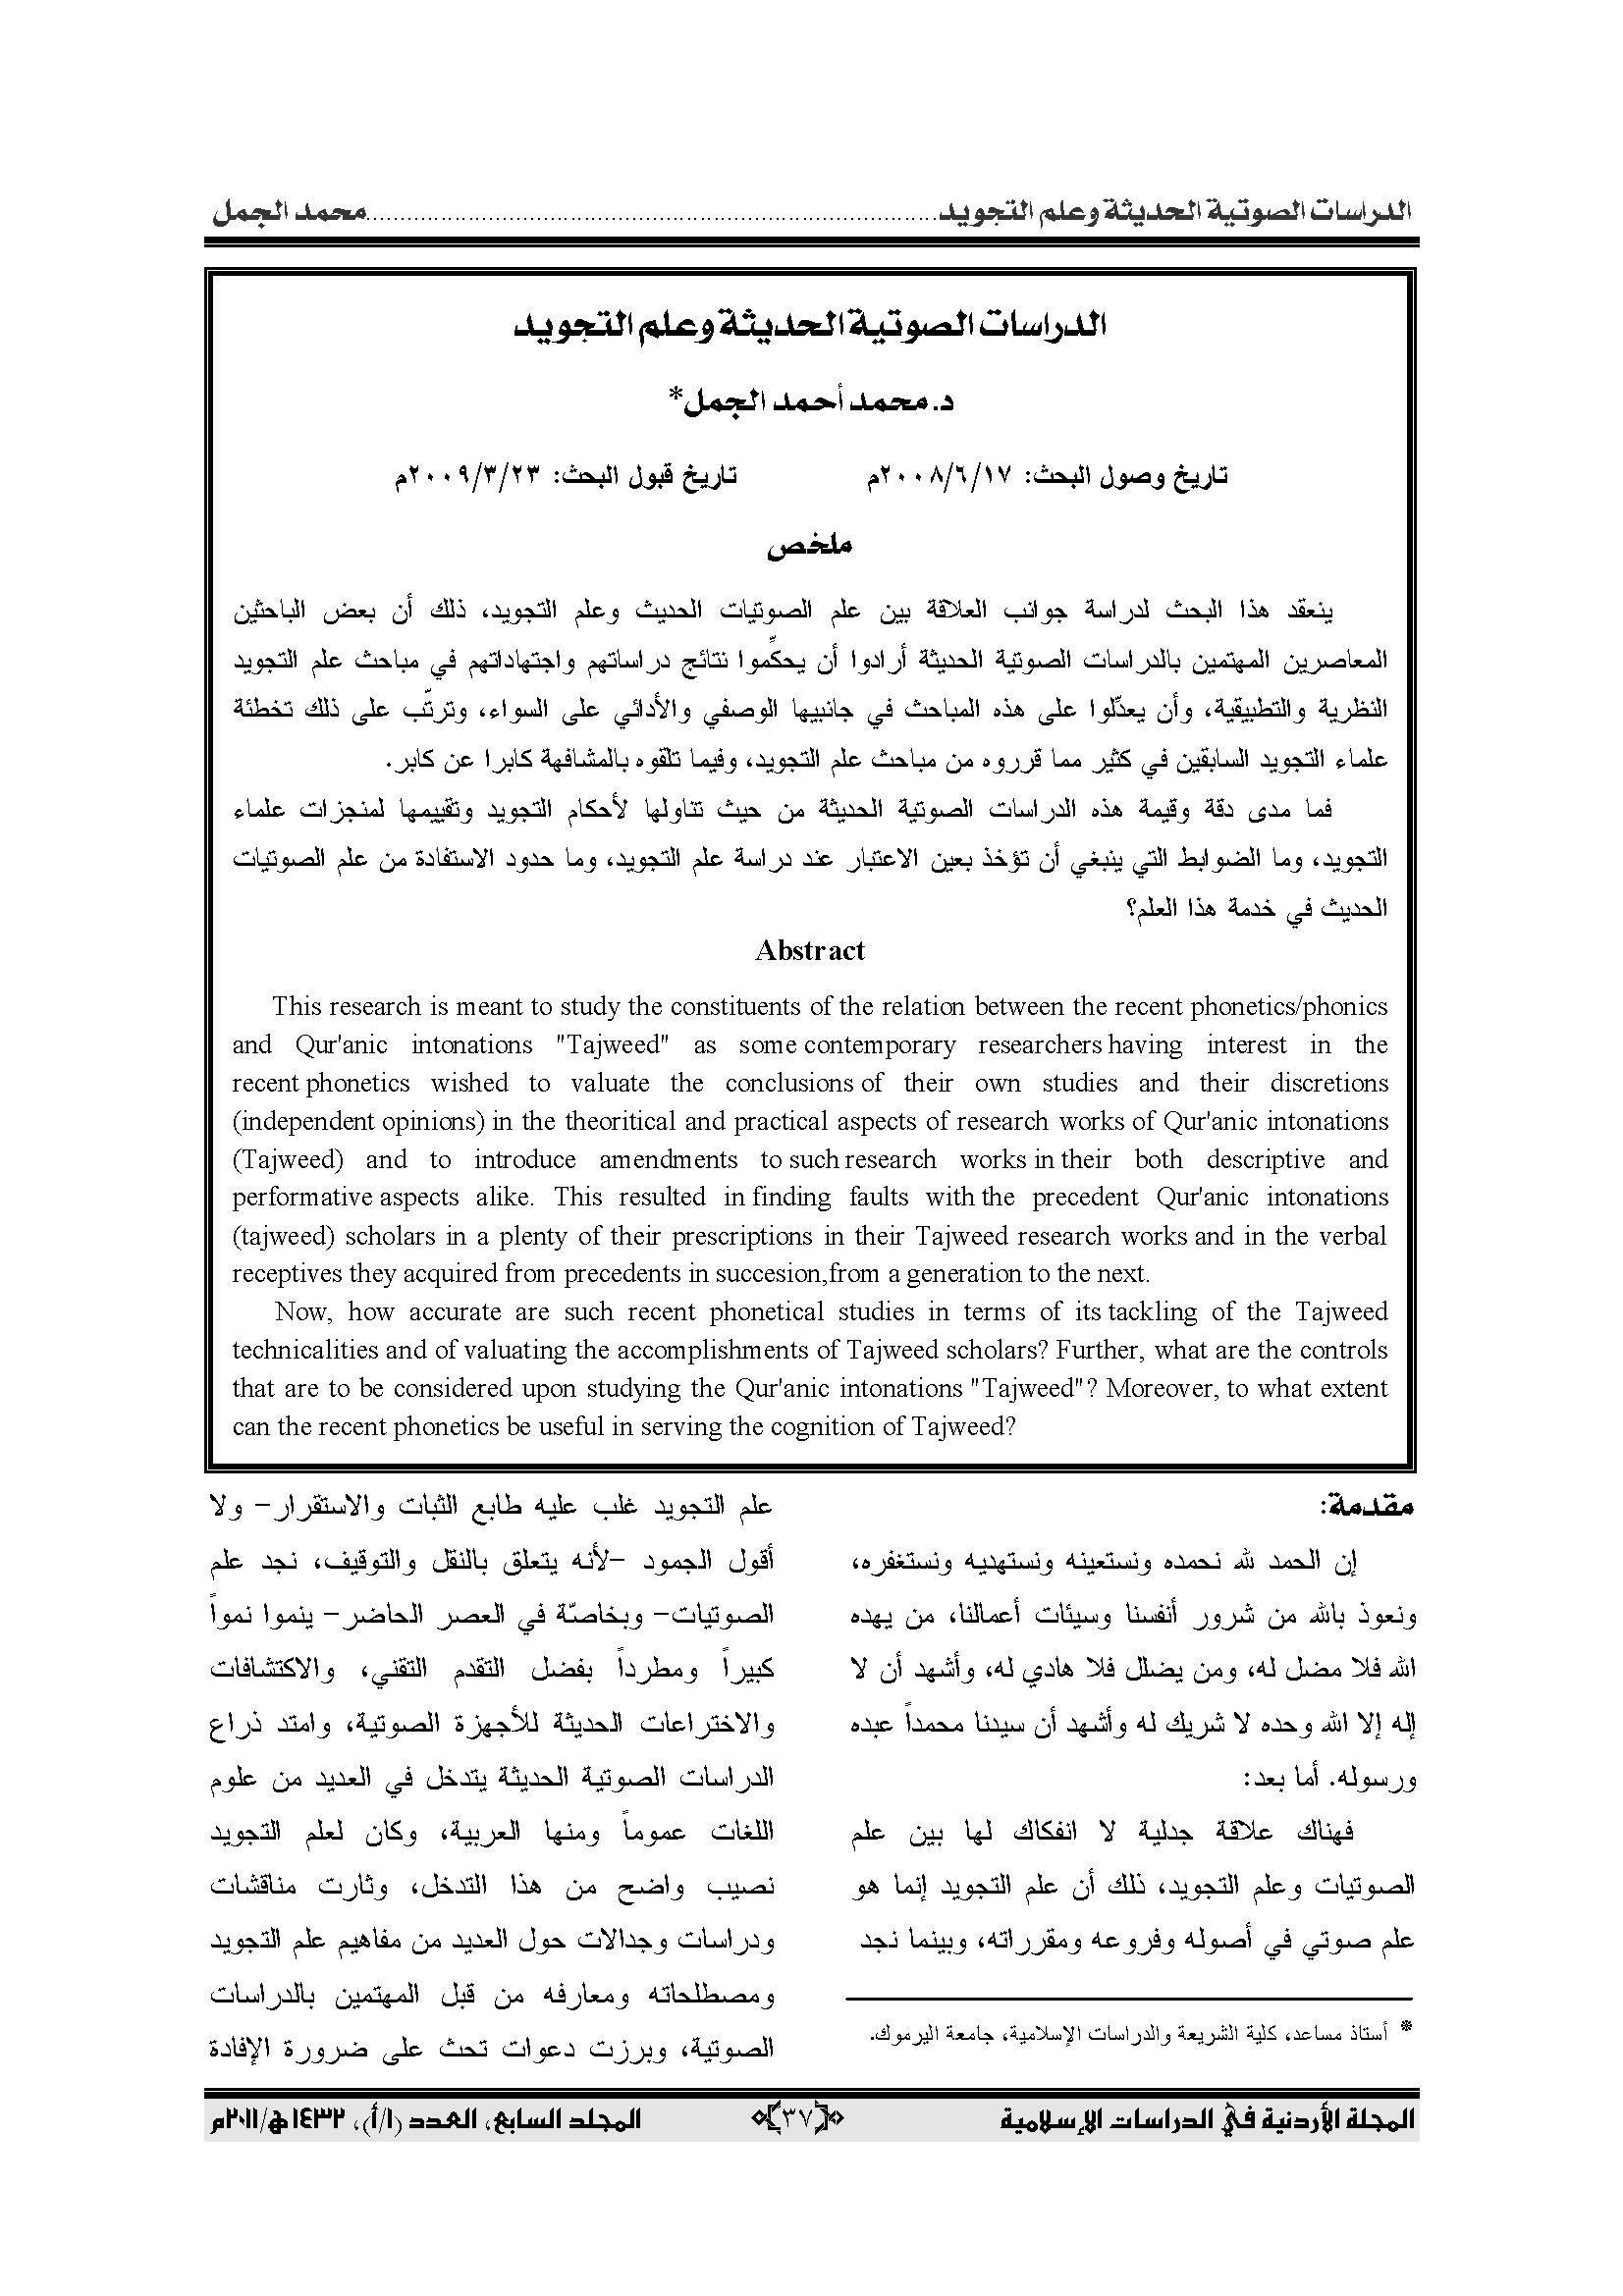 تحميل كتاب الدراسات الصوتية الحديثة وعلم التجويد لـِ: الدكتور محمد أحمد عبد العزيز الجمل